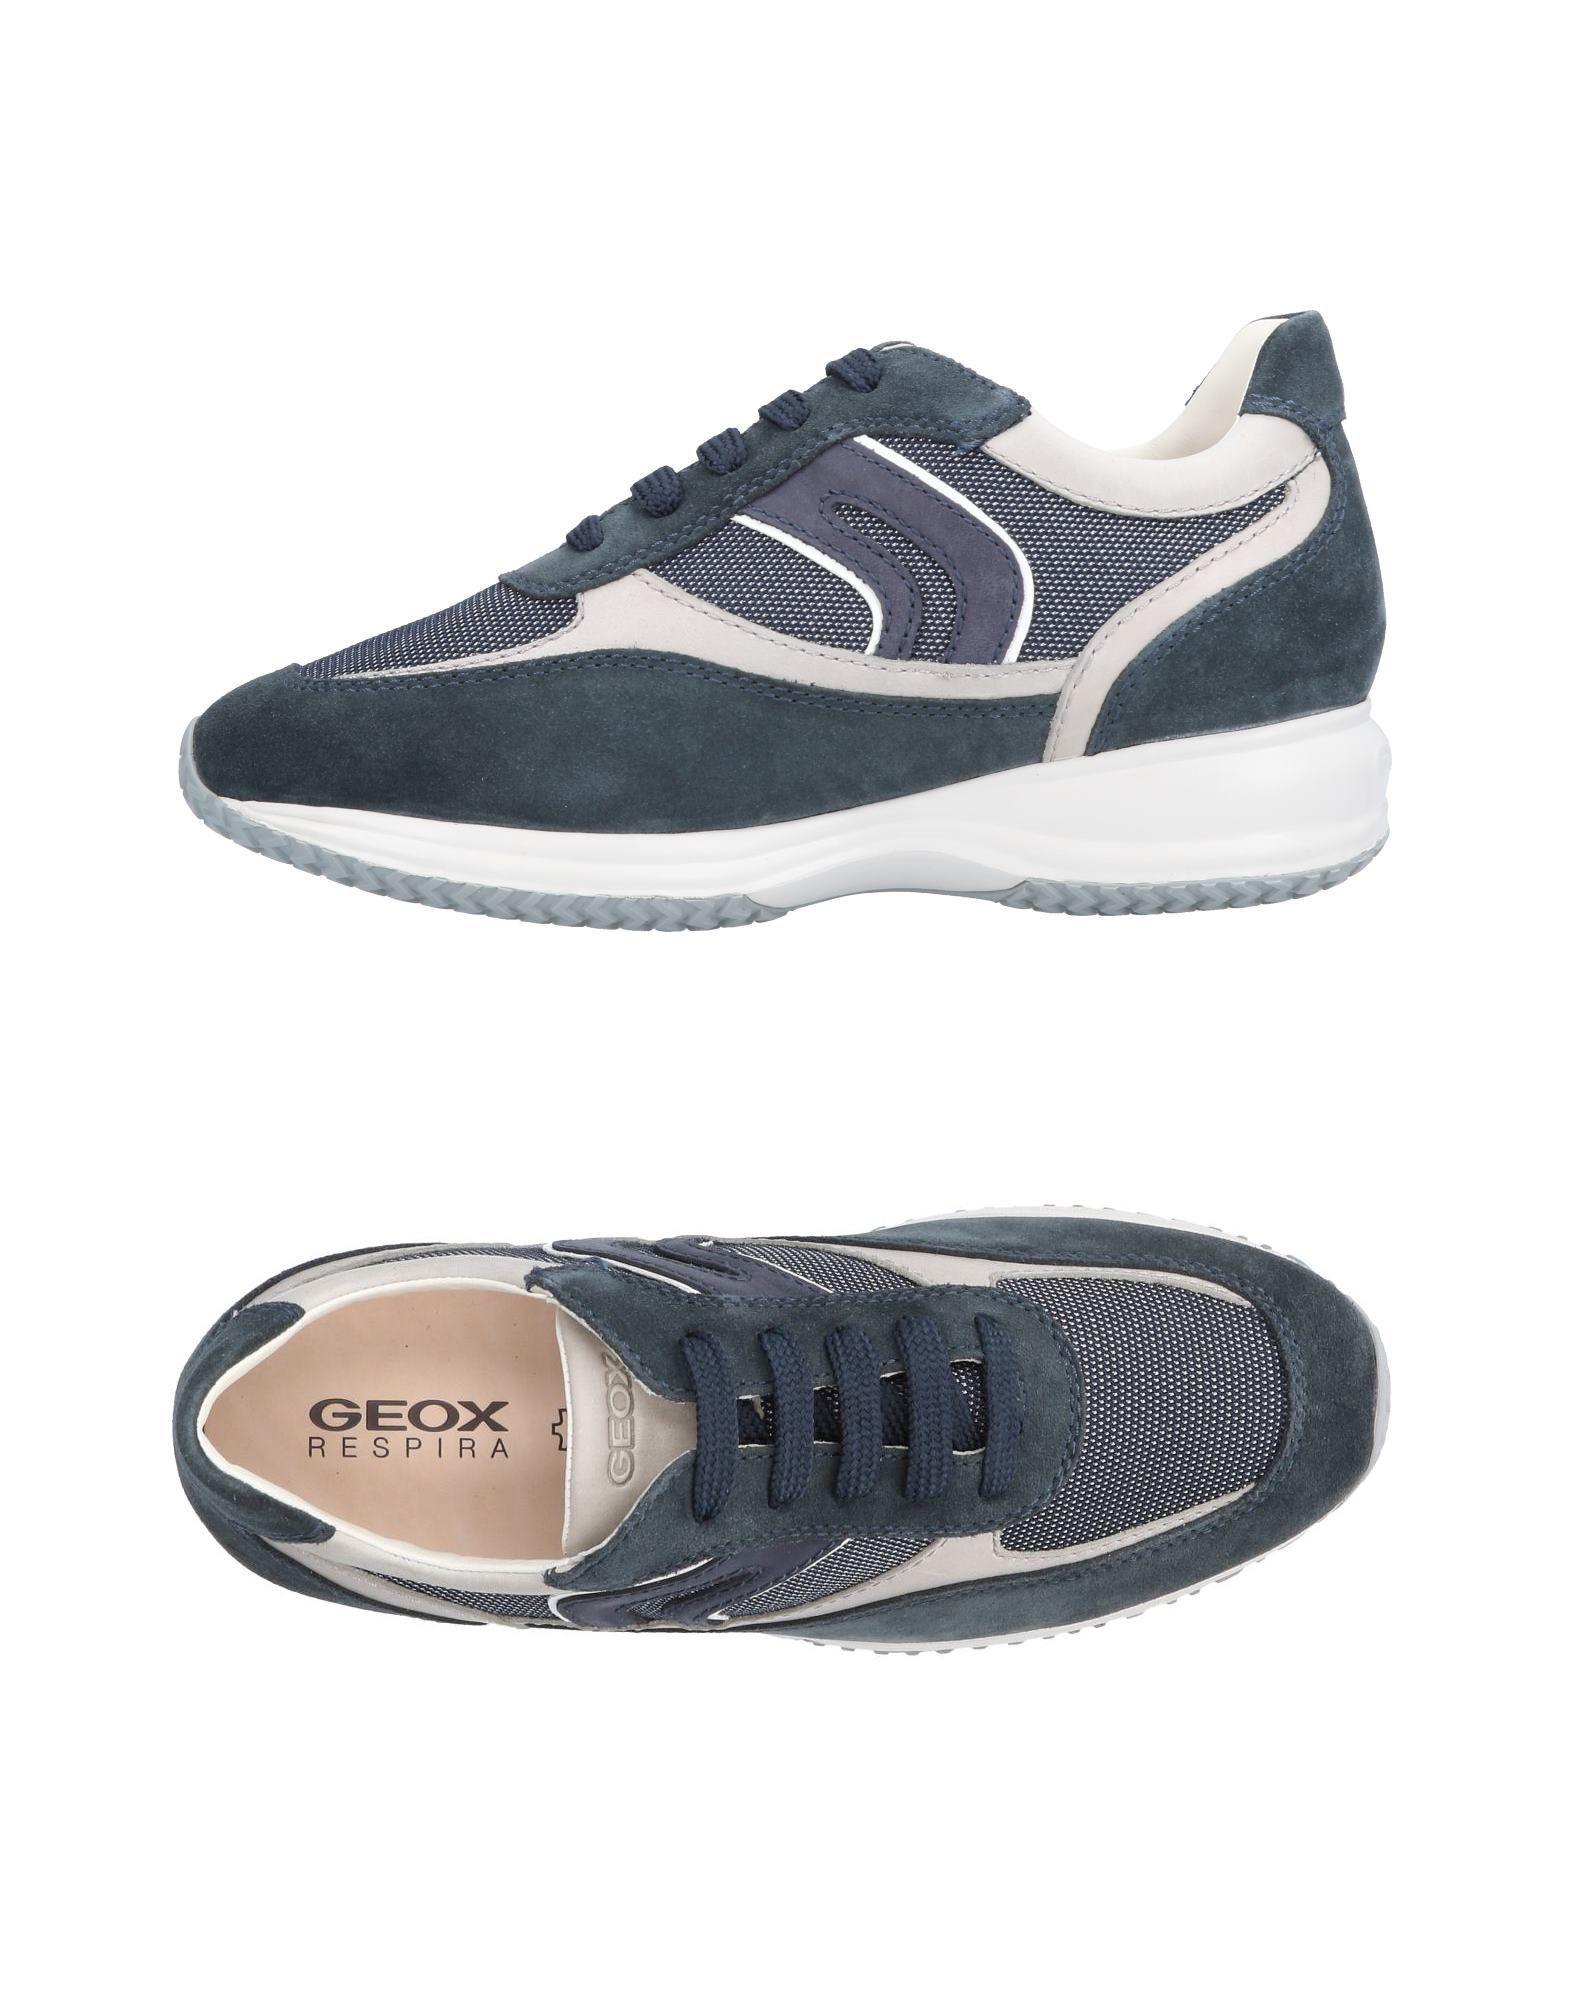 Sneakers Geox Homme - Sneakers Geox  Vert pétrole Dernières chaussures discount pour hommes et femmes